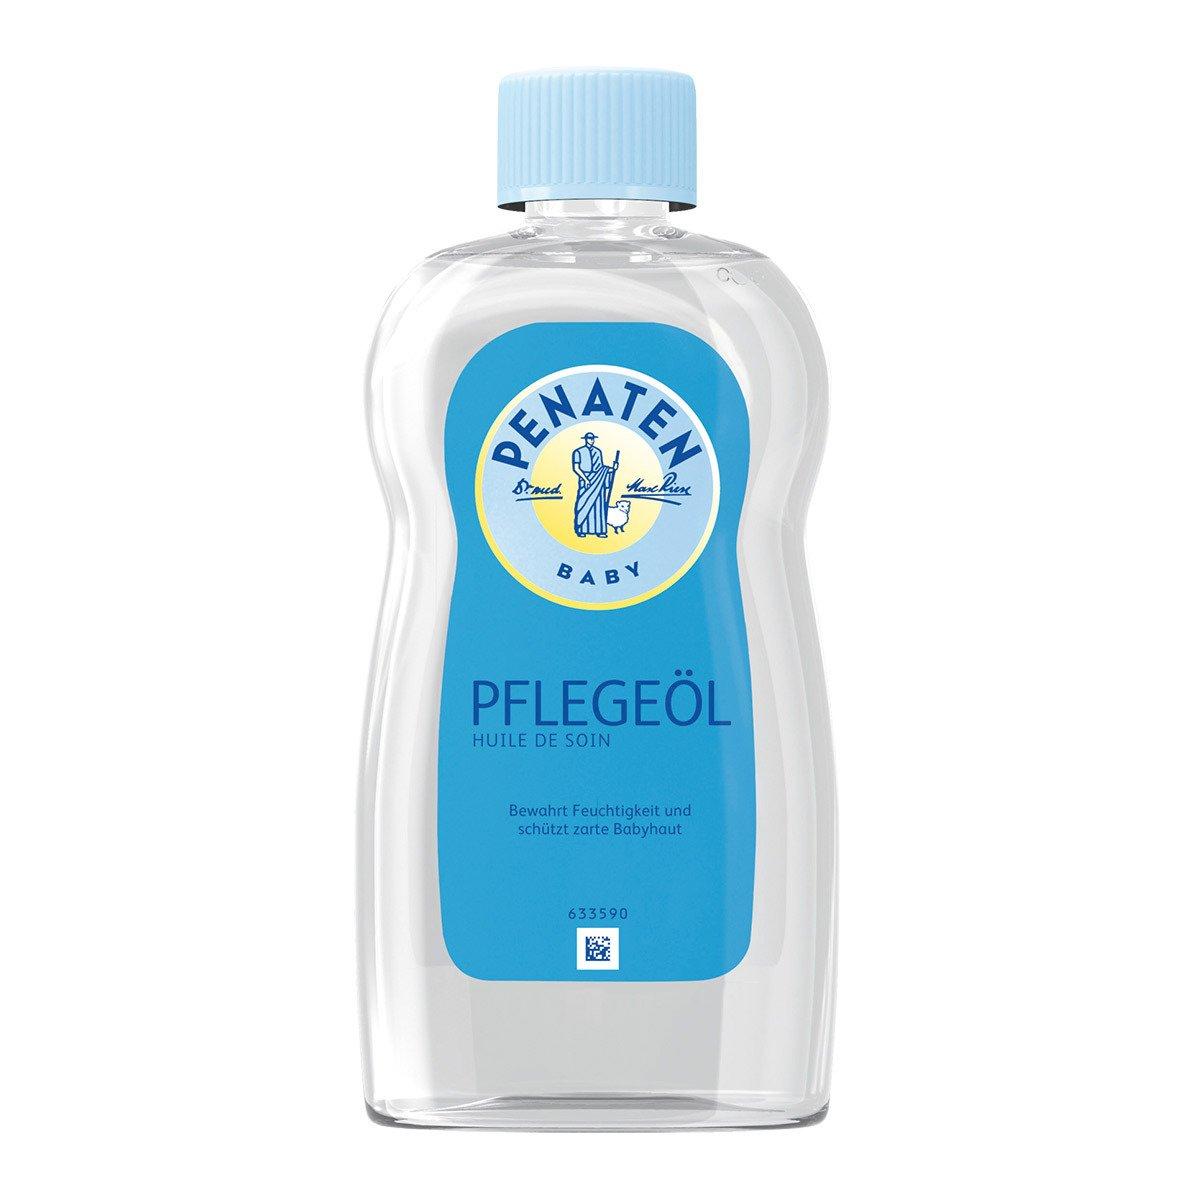 Penaten Baby Oil 200ml oil by Penaten